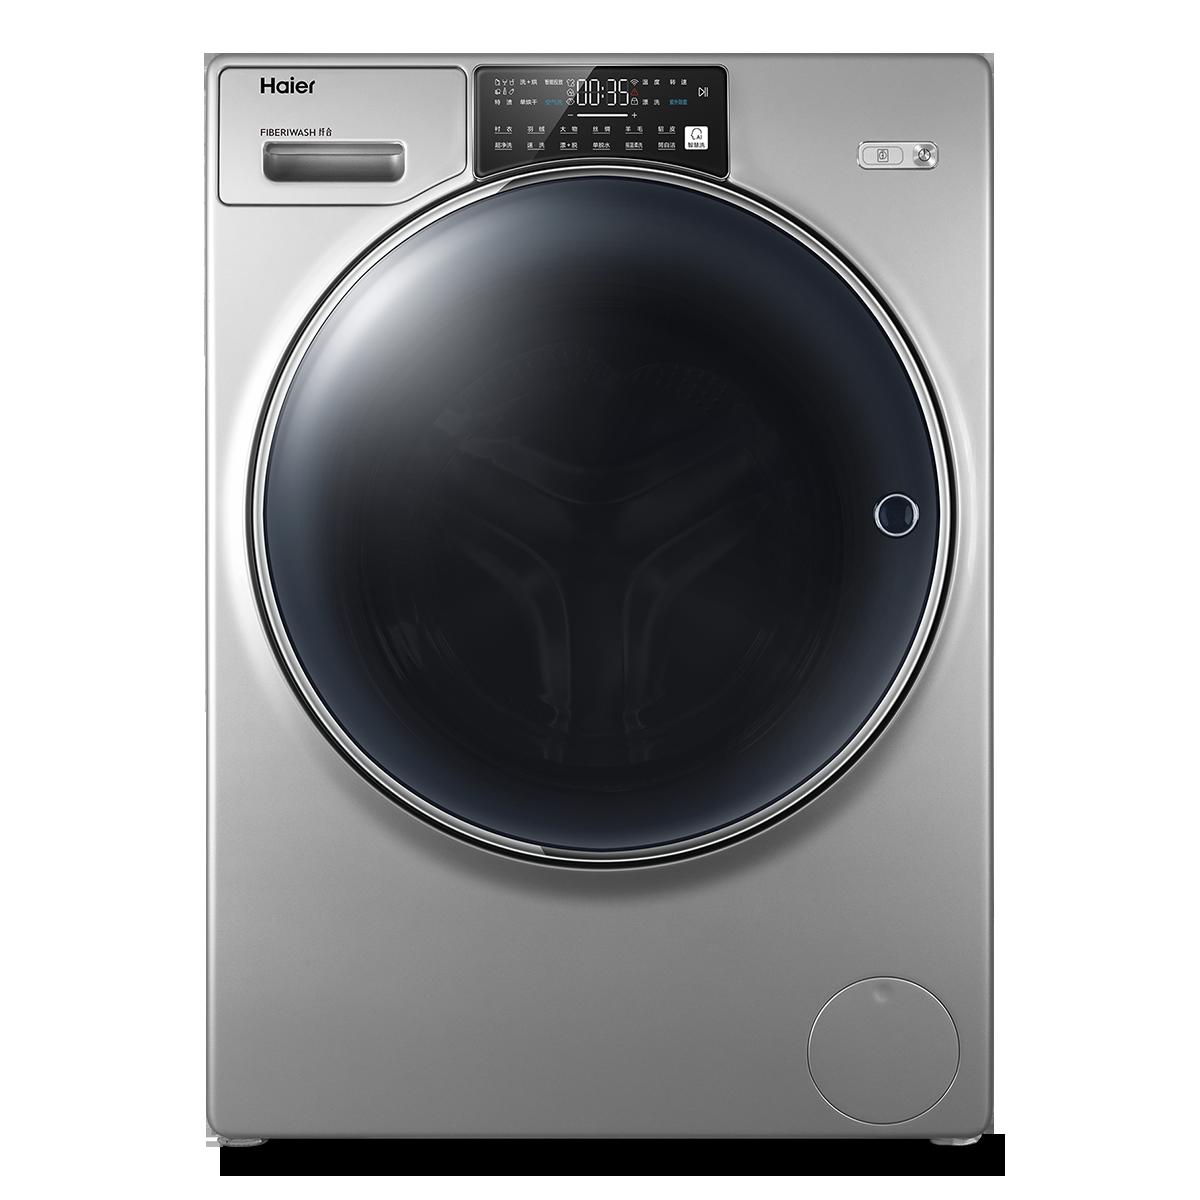 海尔Haier洗衣机 FAW10HD996LSU1 说明书